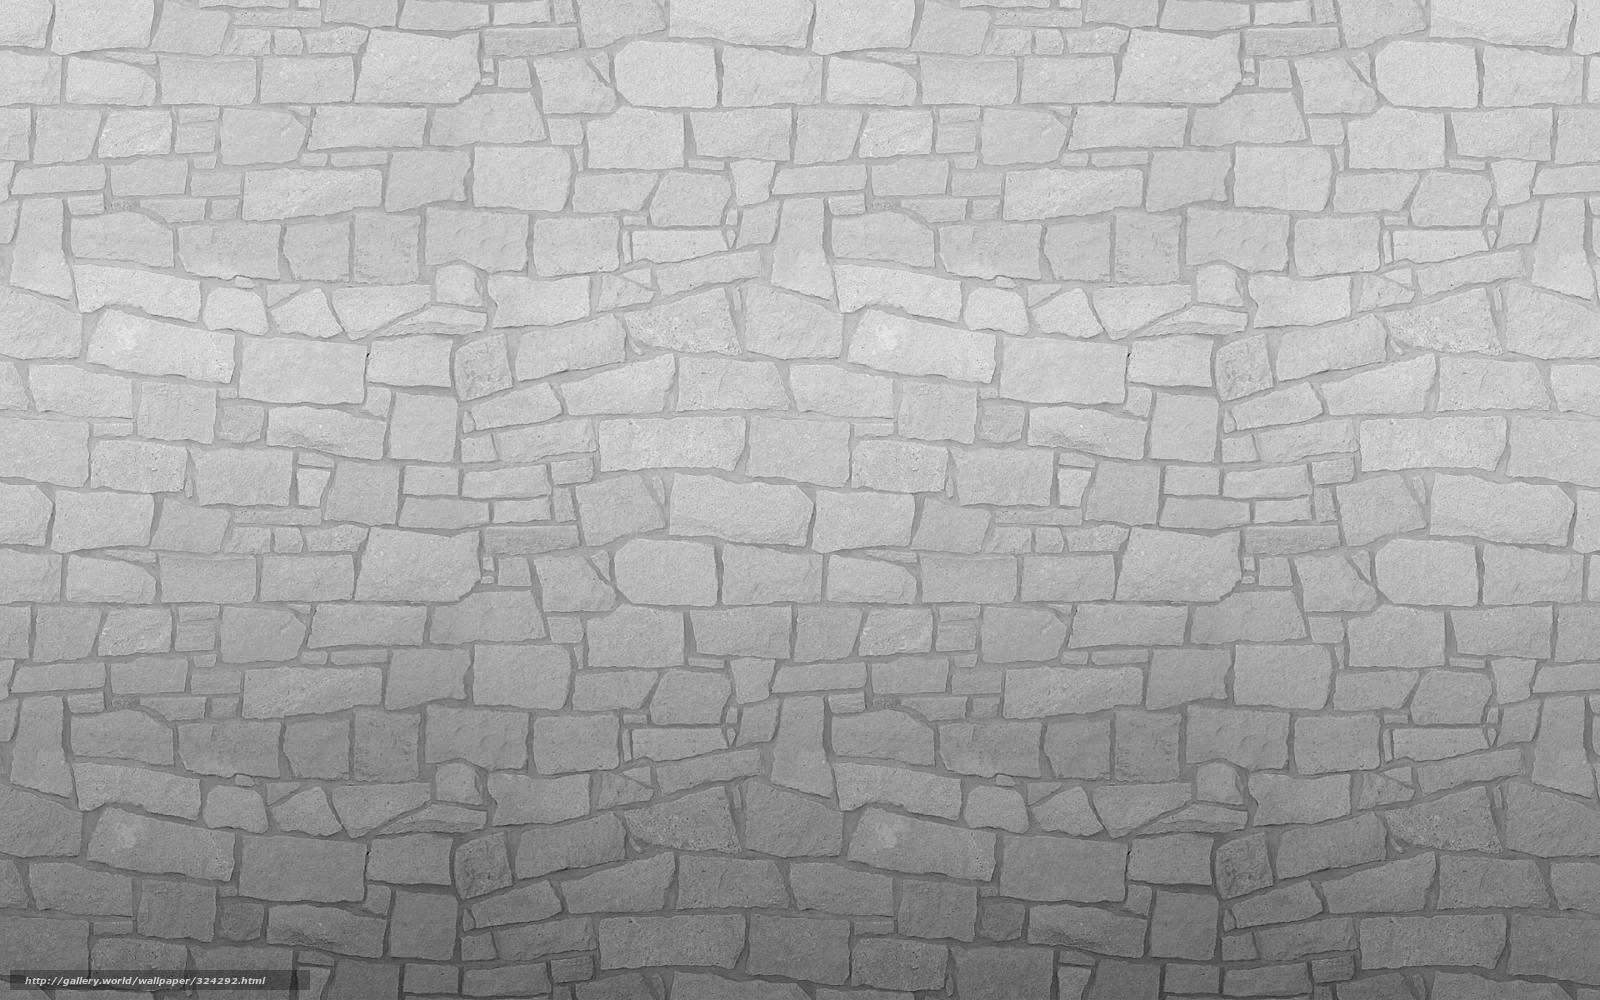 pin download hintergrund stein grau wand textur freie desktop on pinterest. Black Bedroom Furniture Sets. Home Design Ideas